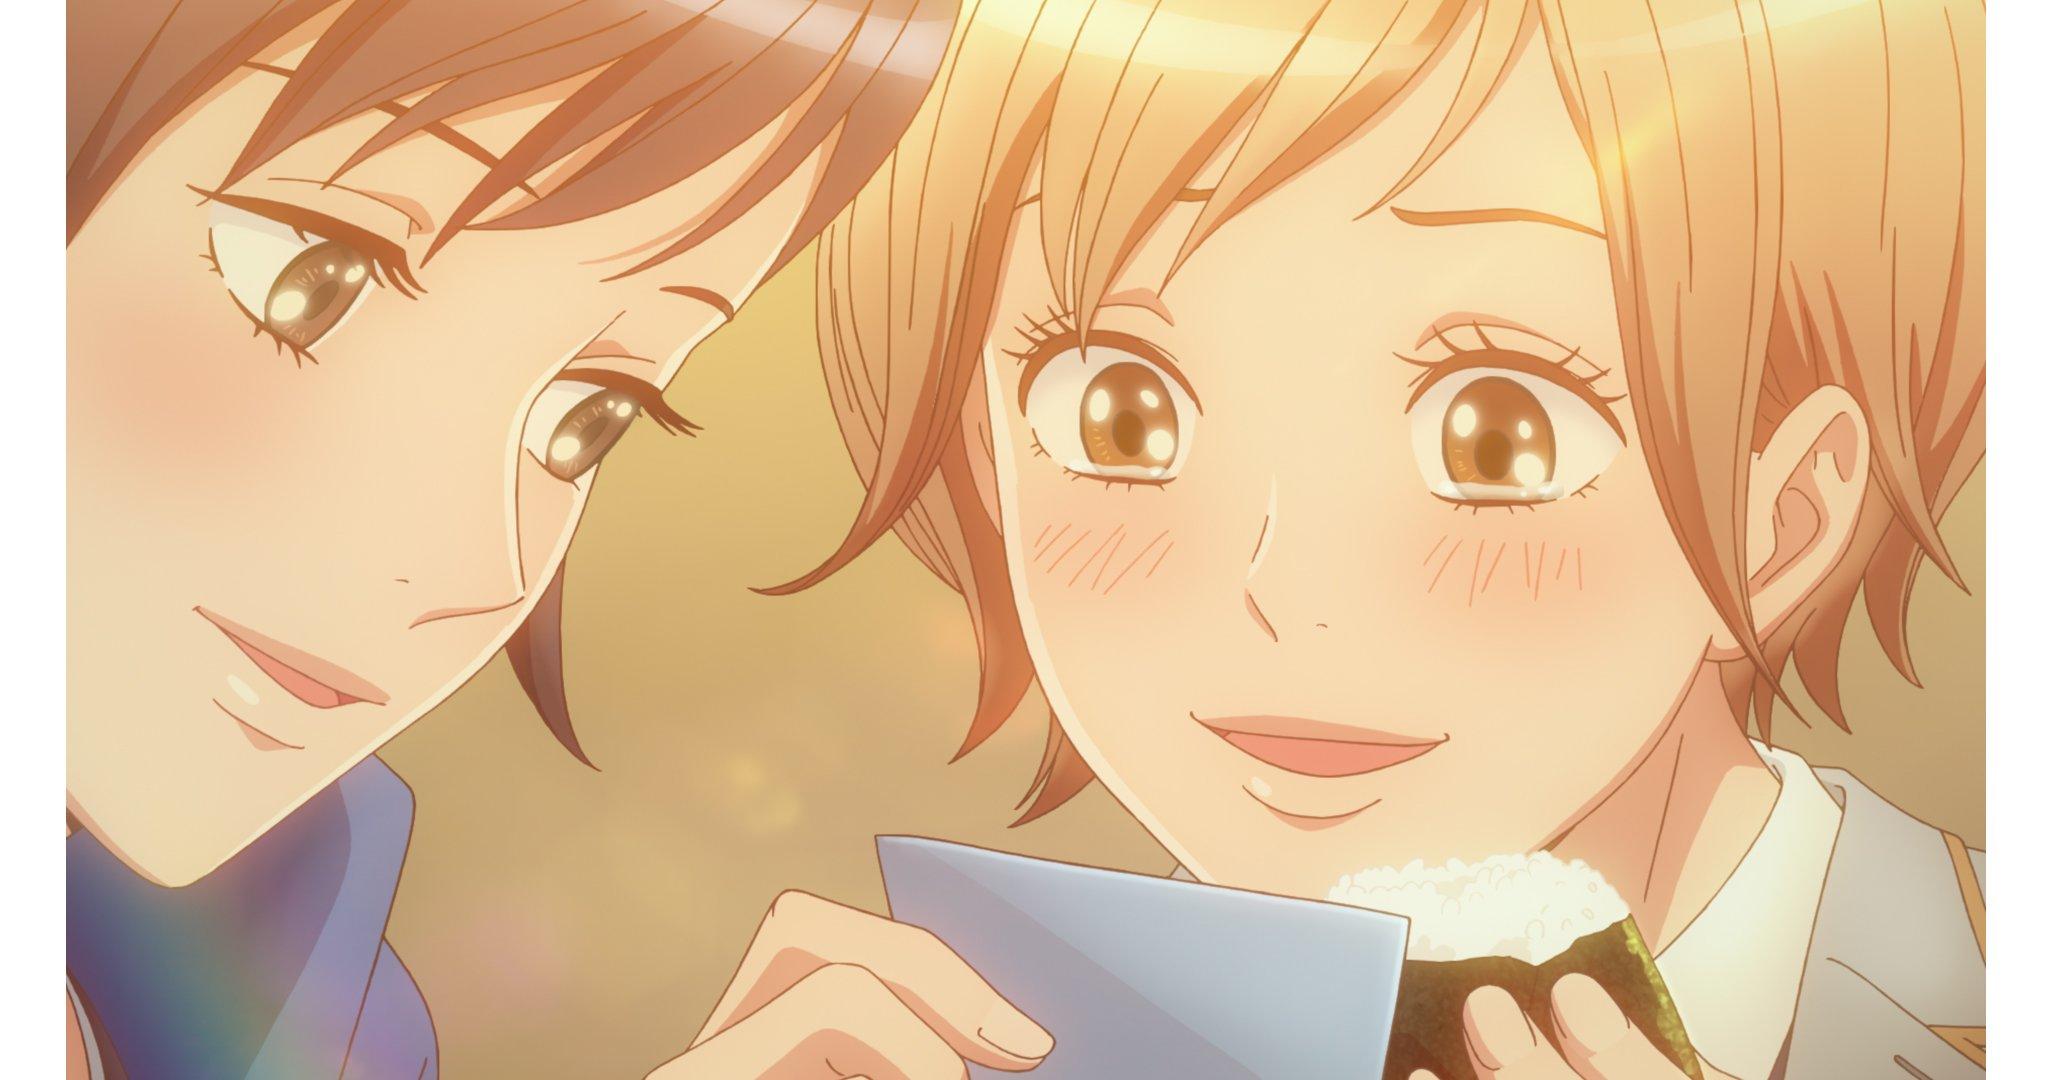 「君に届け」作者・椎名軽穂先生がキャラ原案「セブン」新アニメCMにときめく!